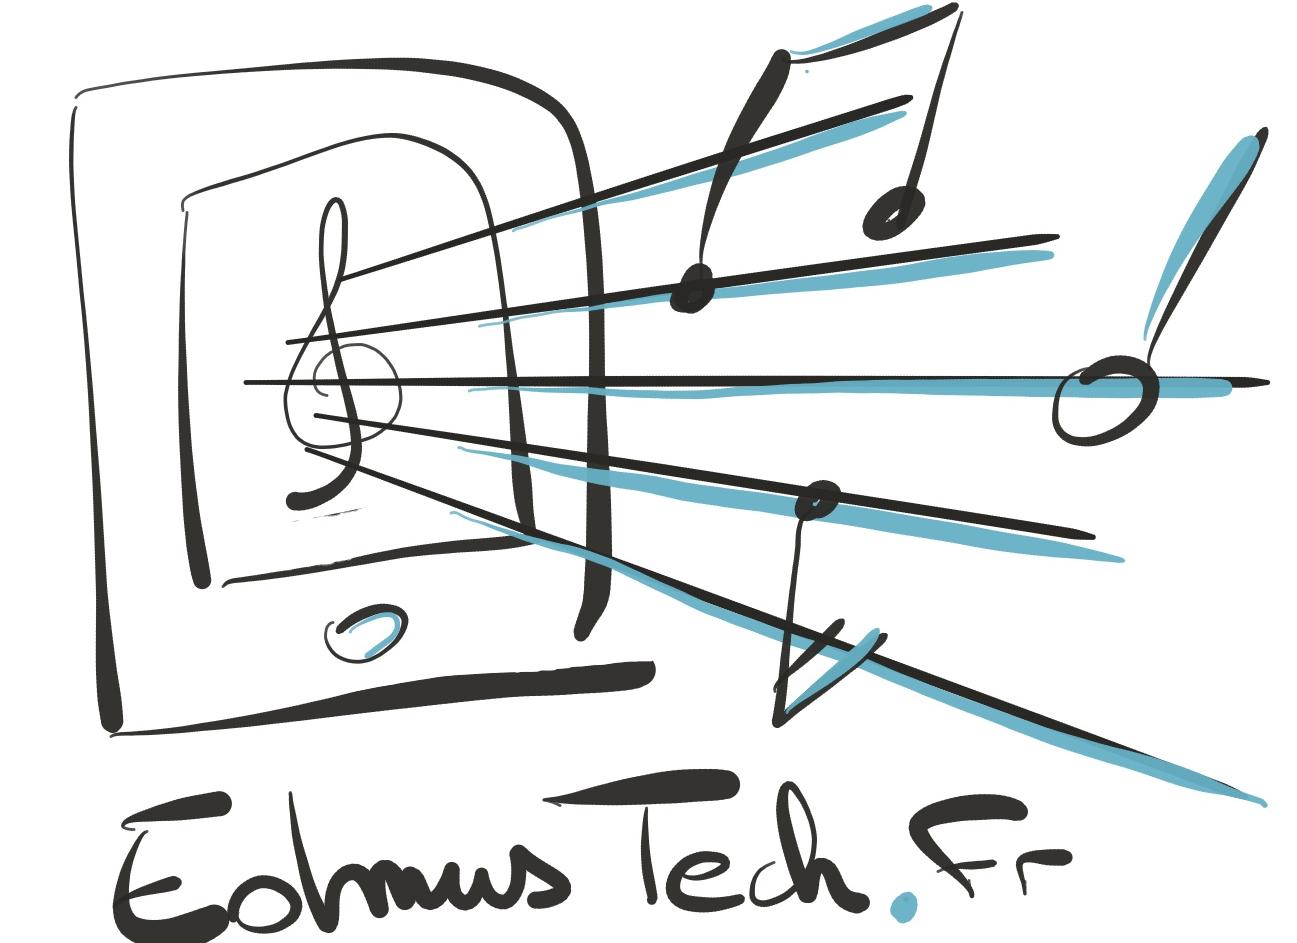 logo edmustech dessin qui sommes nous